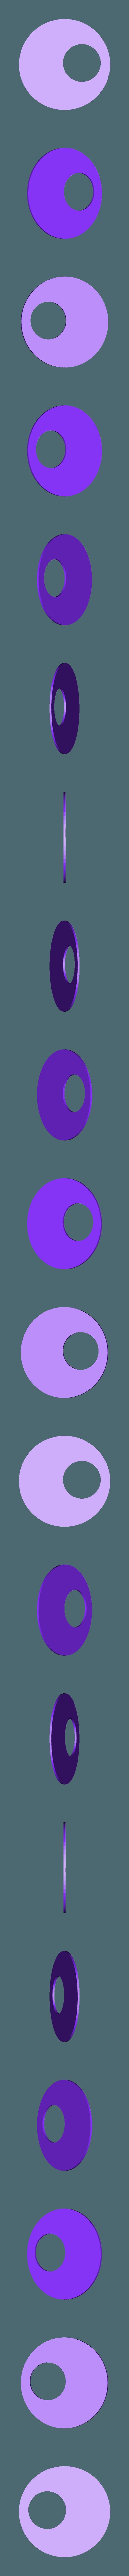 PacManBank_Eye_Right.stl Télécharger fichier STL gratuit Pac Man Piggy Bank - plus grande porte / trou / ouverture • Modèle pour imprimante 3D, plokr